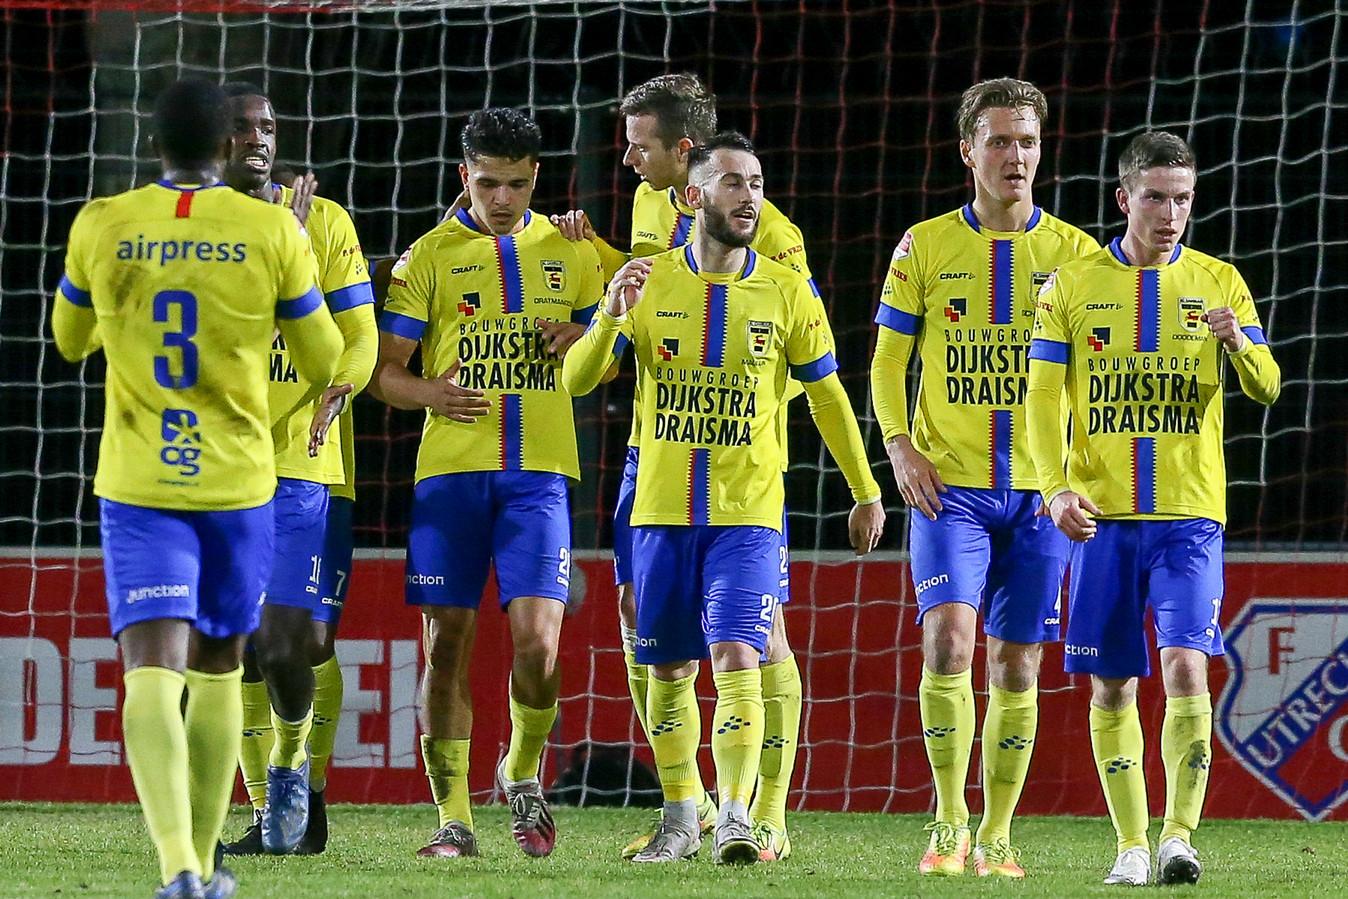 Cambuur verstevigde de koppositie in de Keuken Kampioen Divisie.   Cambuur player Robert Muhren celebrate his goal 0-1     during the match  Jong Utrecht - Cambuur